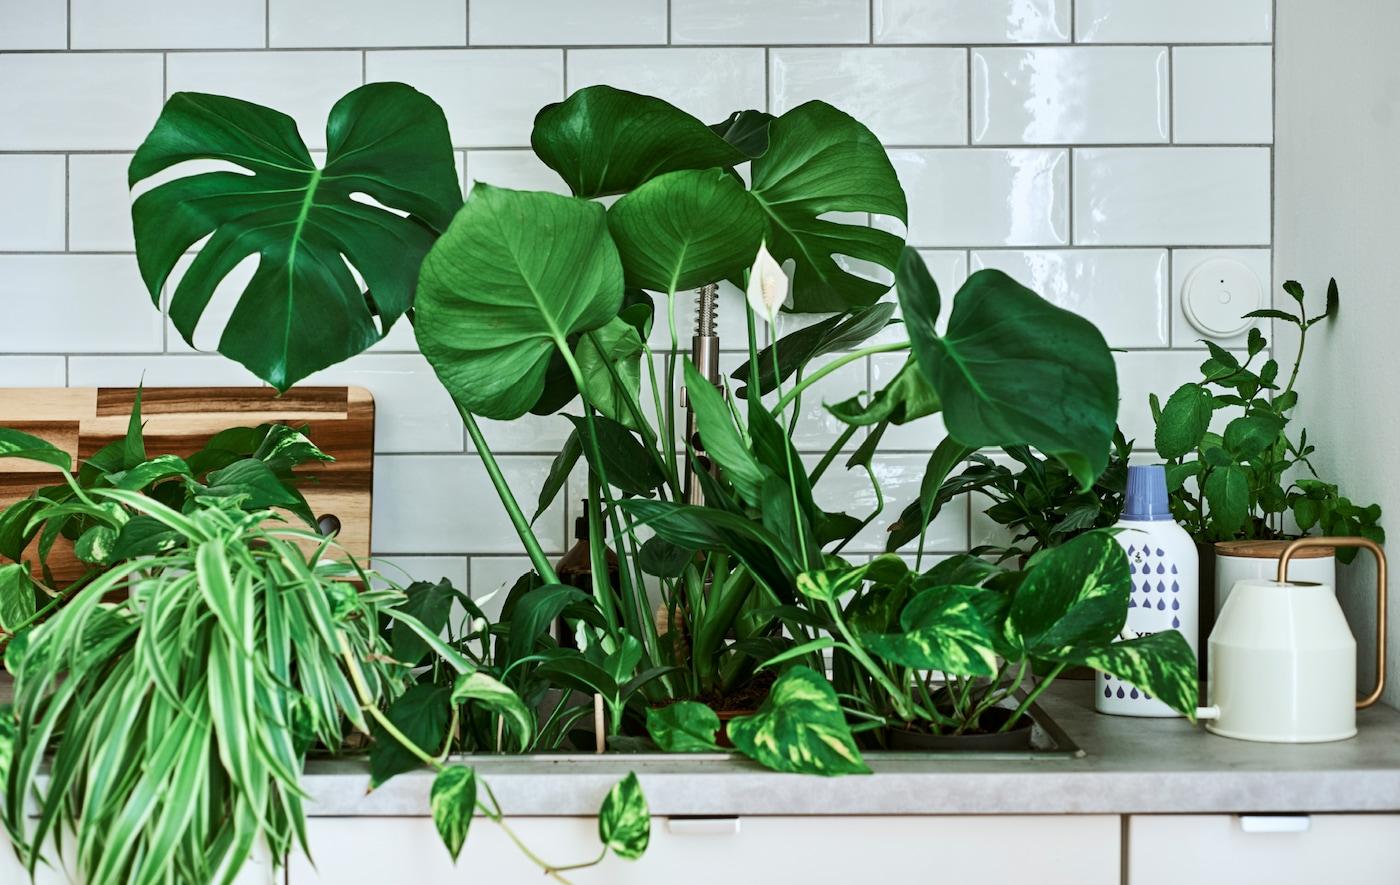 水槽里种着龟背竹与和平莲等室内植物,操作台上放着带金色把手的洒水壶和植物肥料。